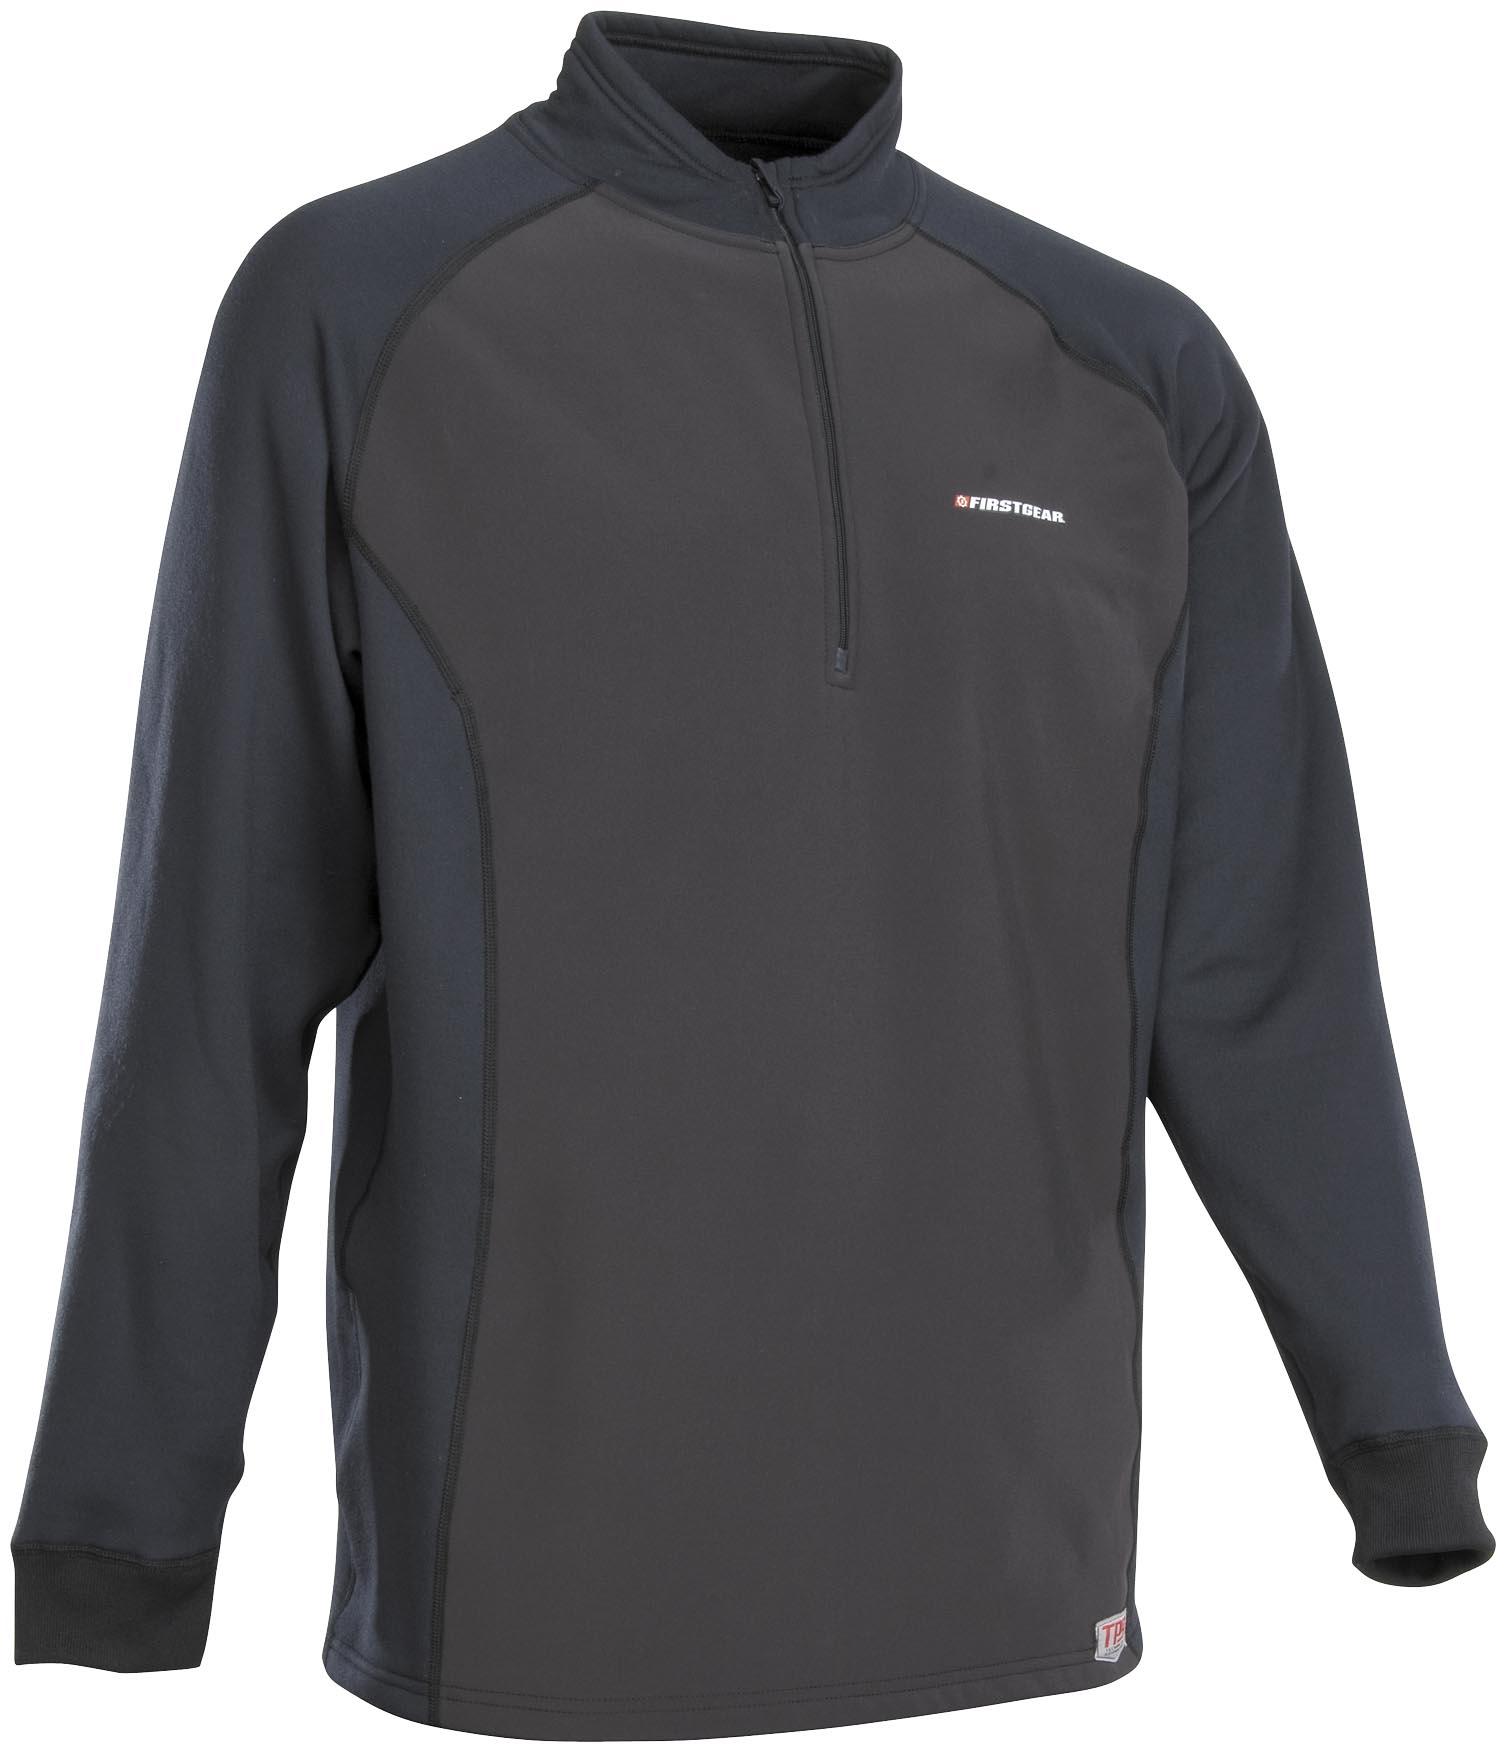 Firstgear TPG Winter Base-Layer Long Sleeve Shirt